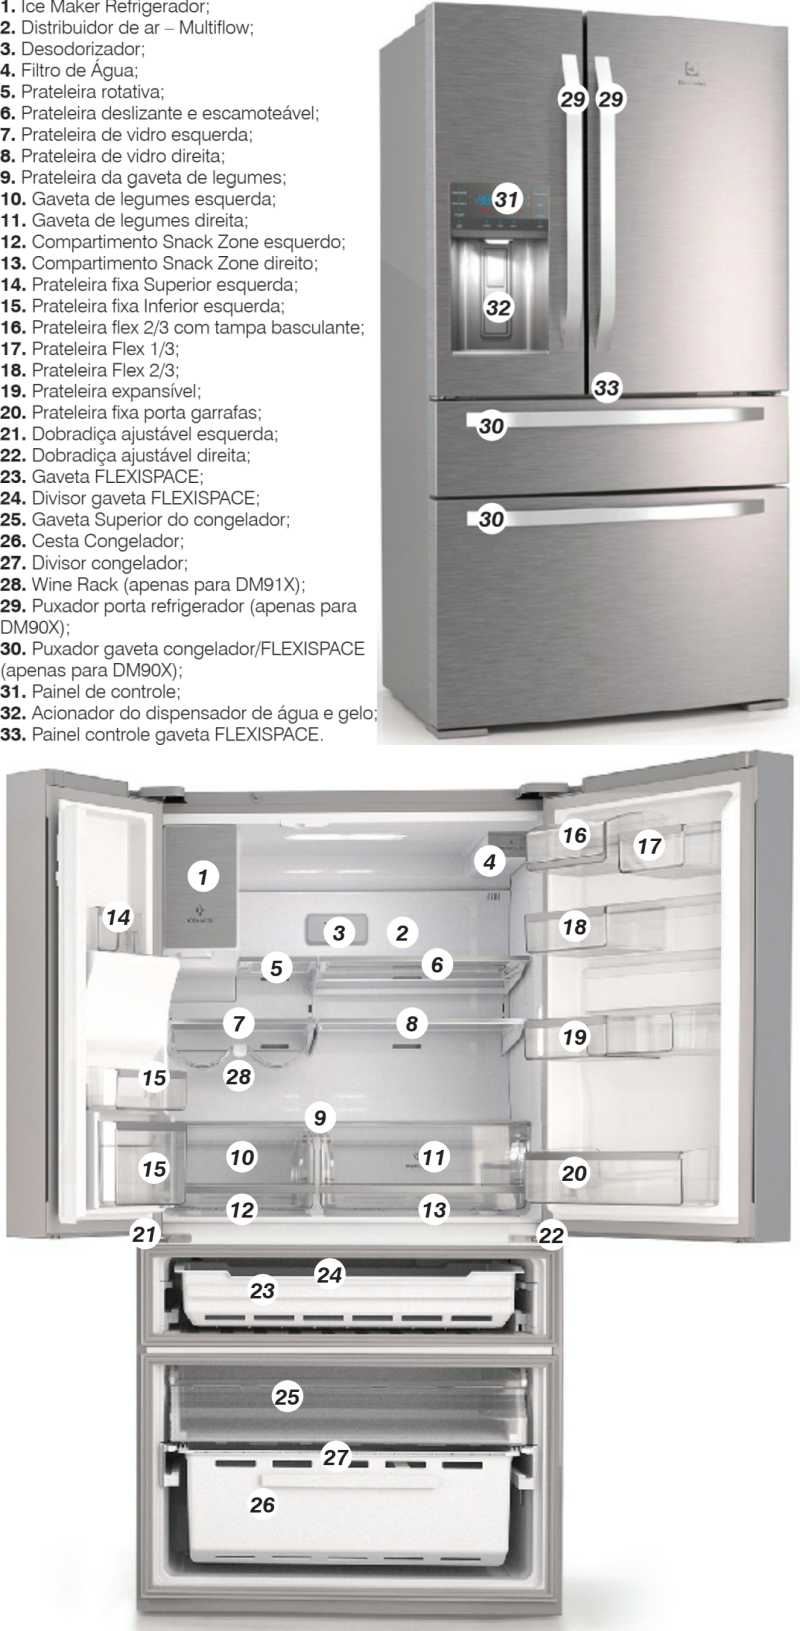 Geladeira Electrolux - conhecendo os componentes do DM91X